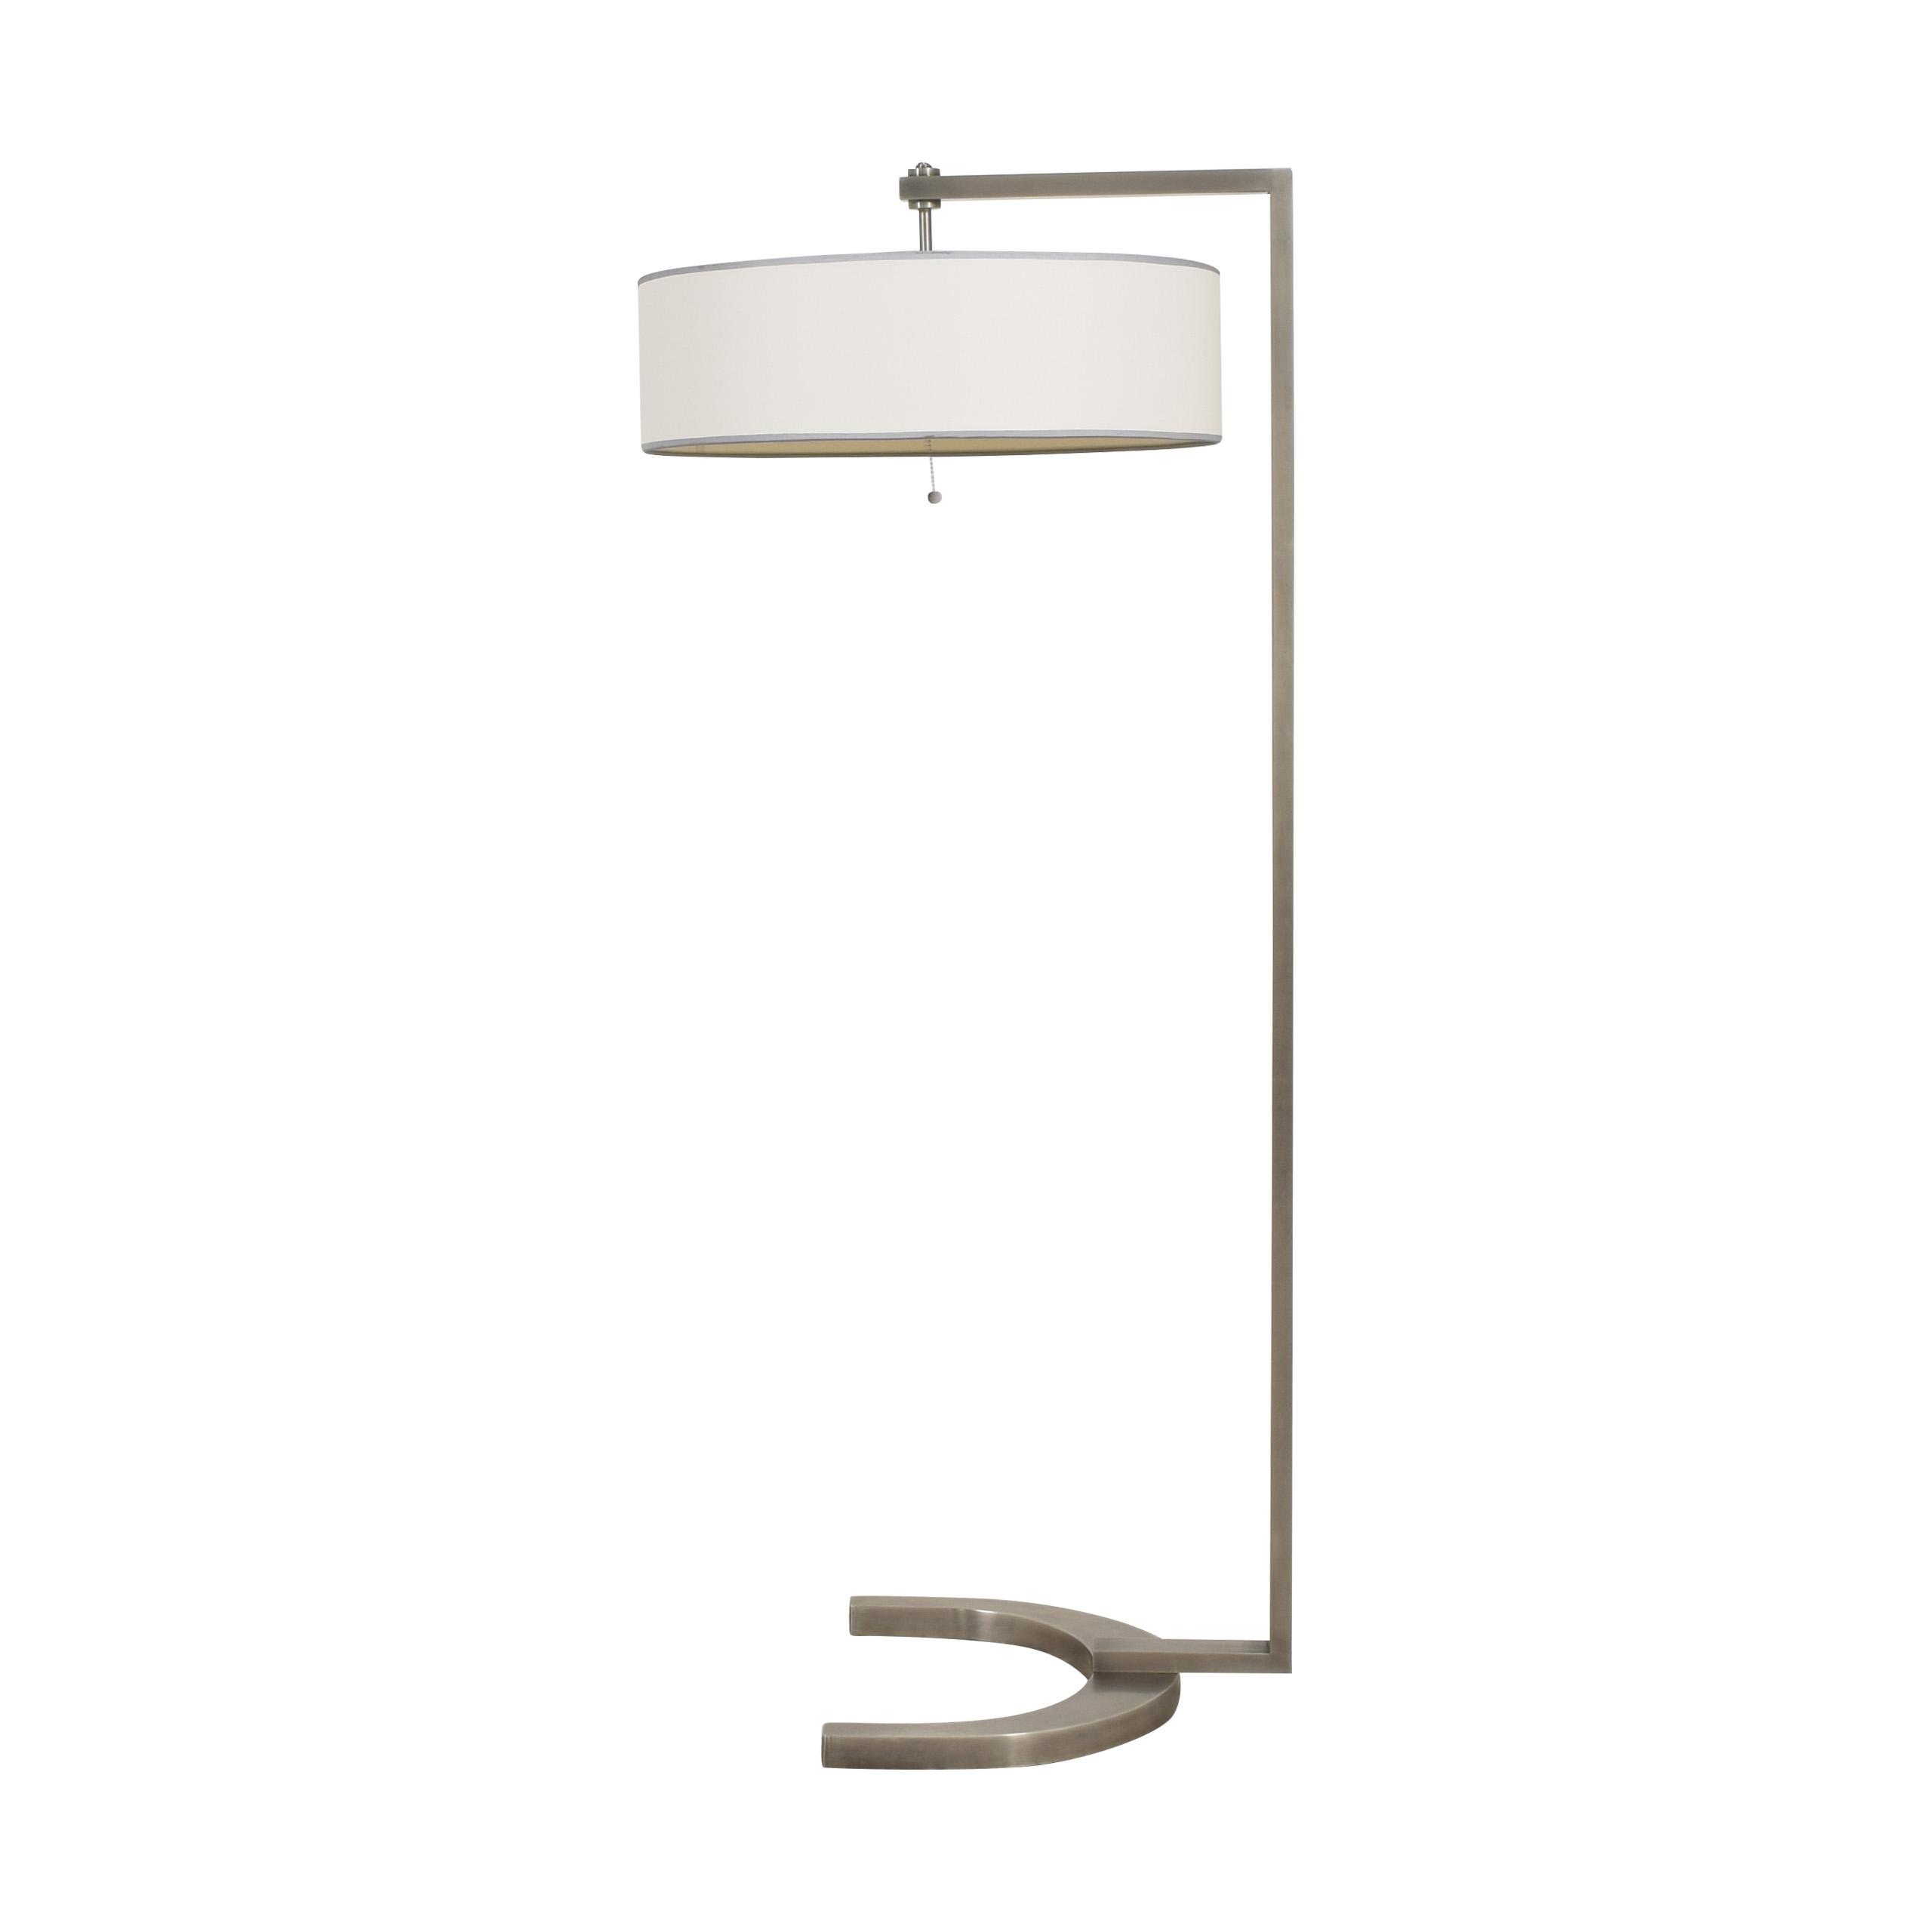 Visual Comfort Visual Comfort Thomas O'Brien Hudson Floor Lamp Lamps